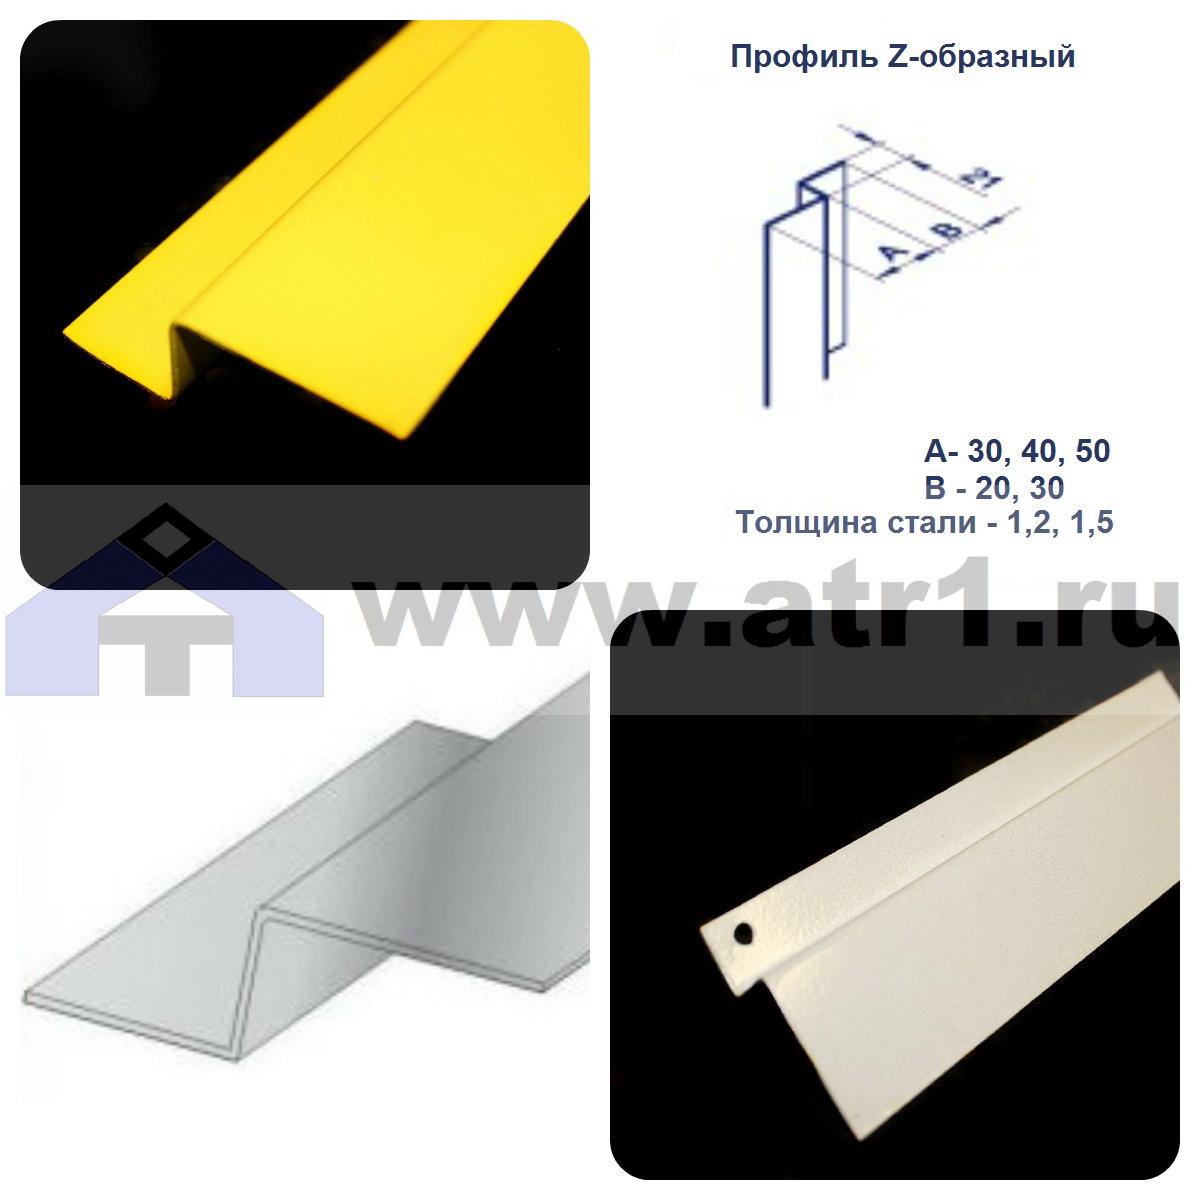 Z-профиль фасадный промежуточный, купить, низкая цена от производителя.